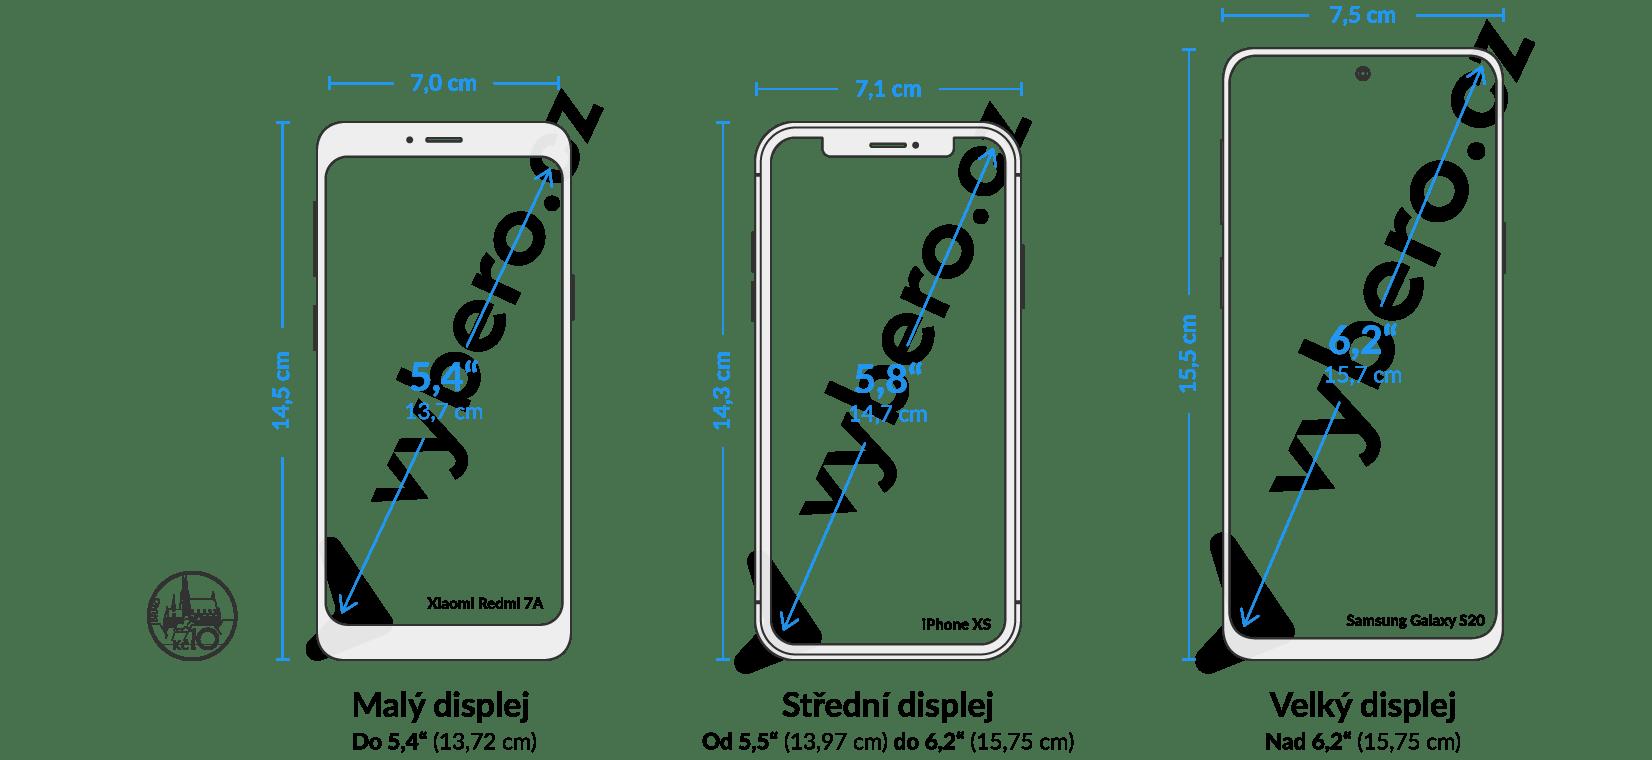 Obrázek ukazuje rozdíly ve velikosti displejů mobilů